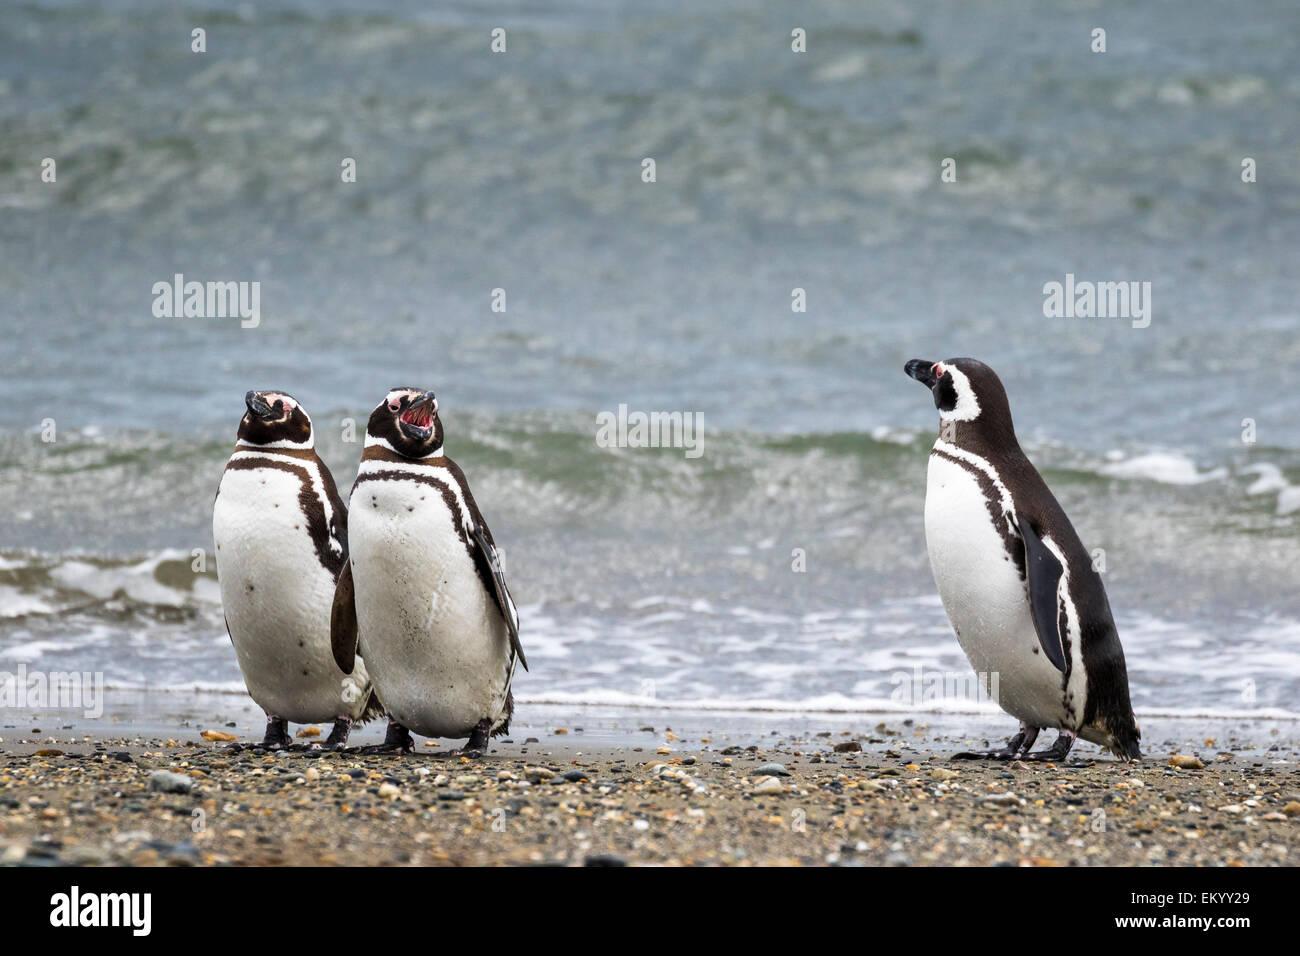 Magellanic penguins (Spheniscus magellanicus), Seno Otway, Region XII Región de Magallanes y de la Antártica, - Stock Image